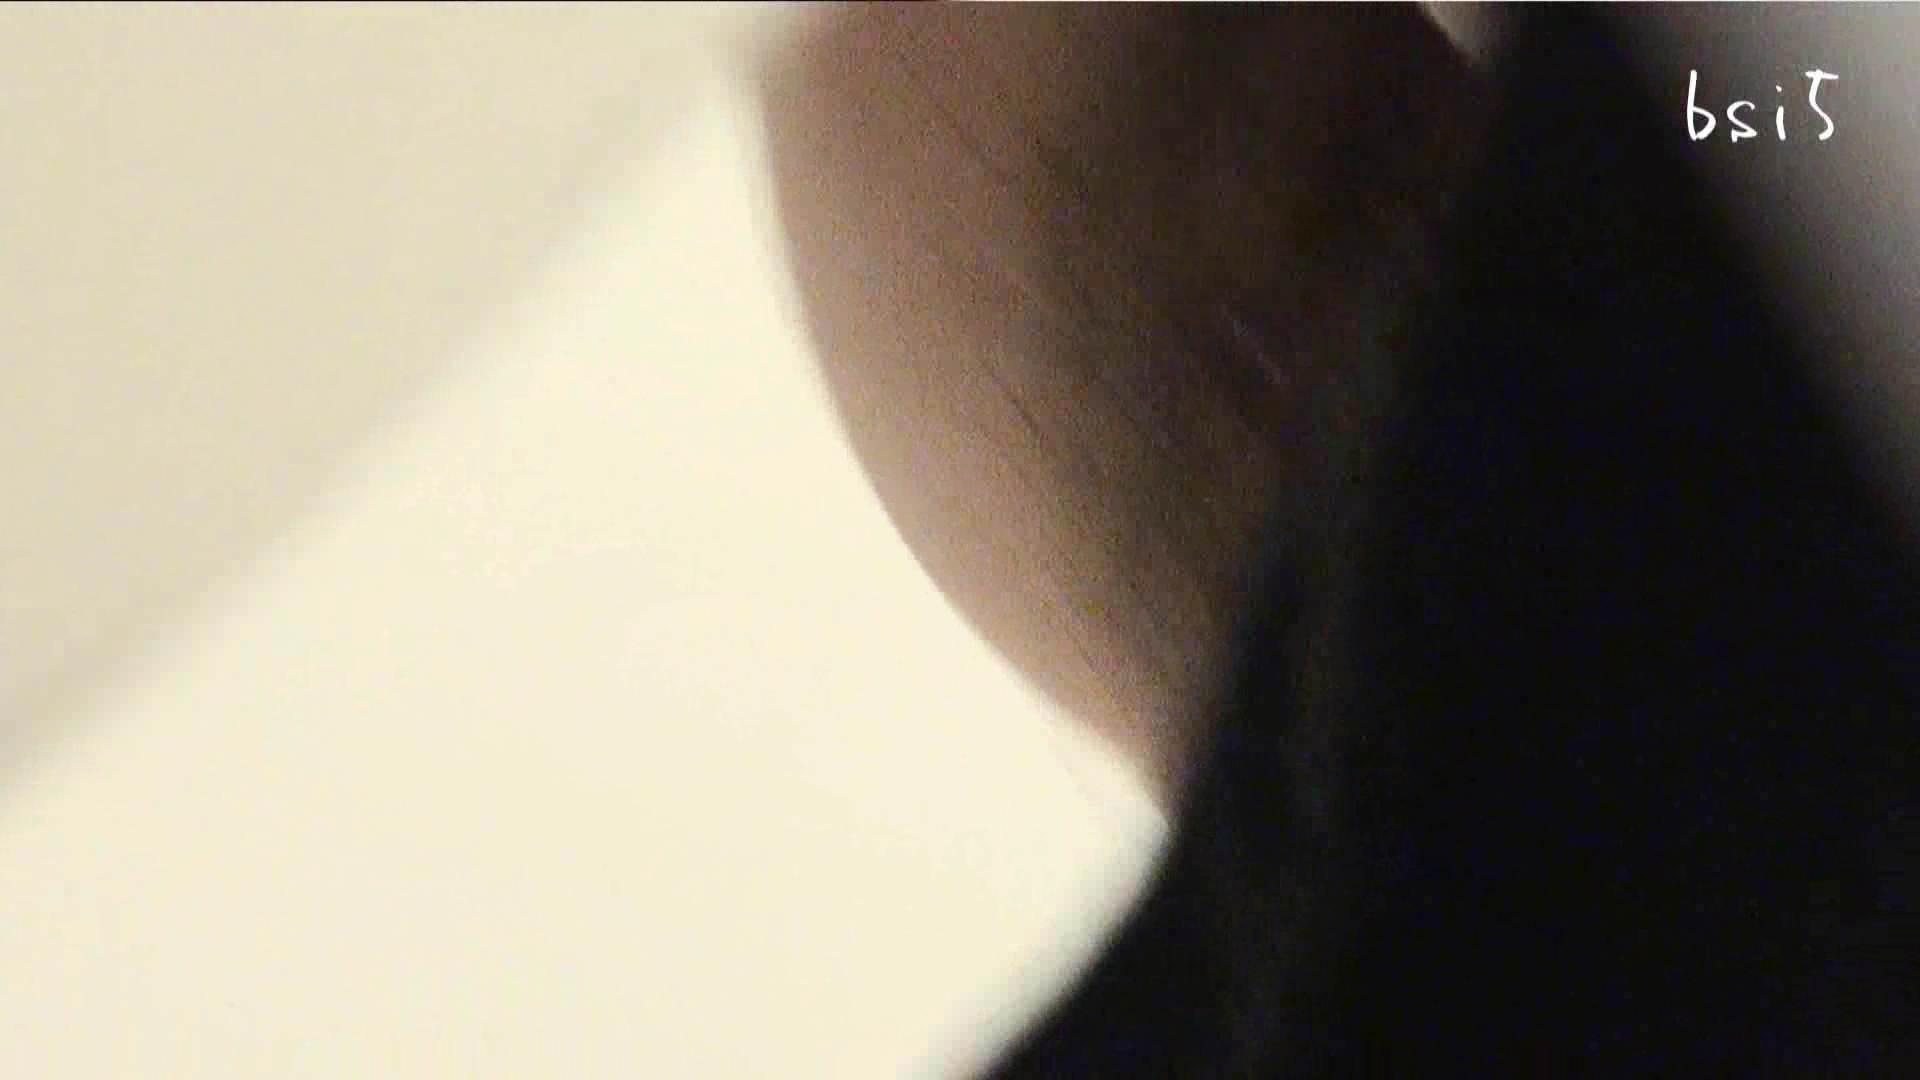 ナースのお小水 vol.005 ナース | OL女体  83連発 16